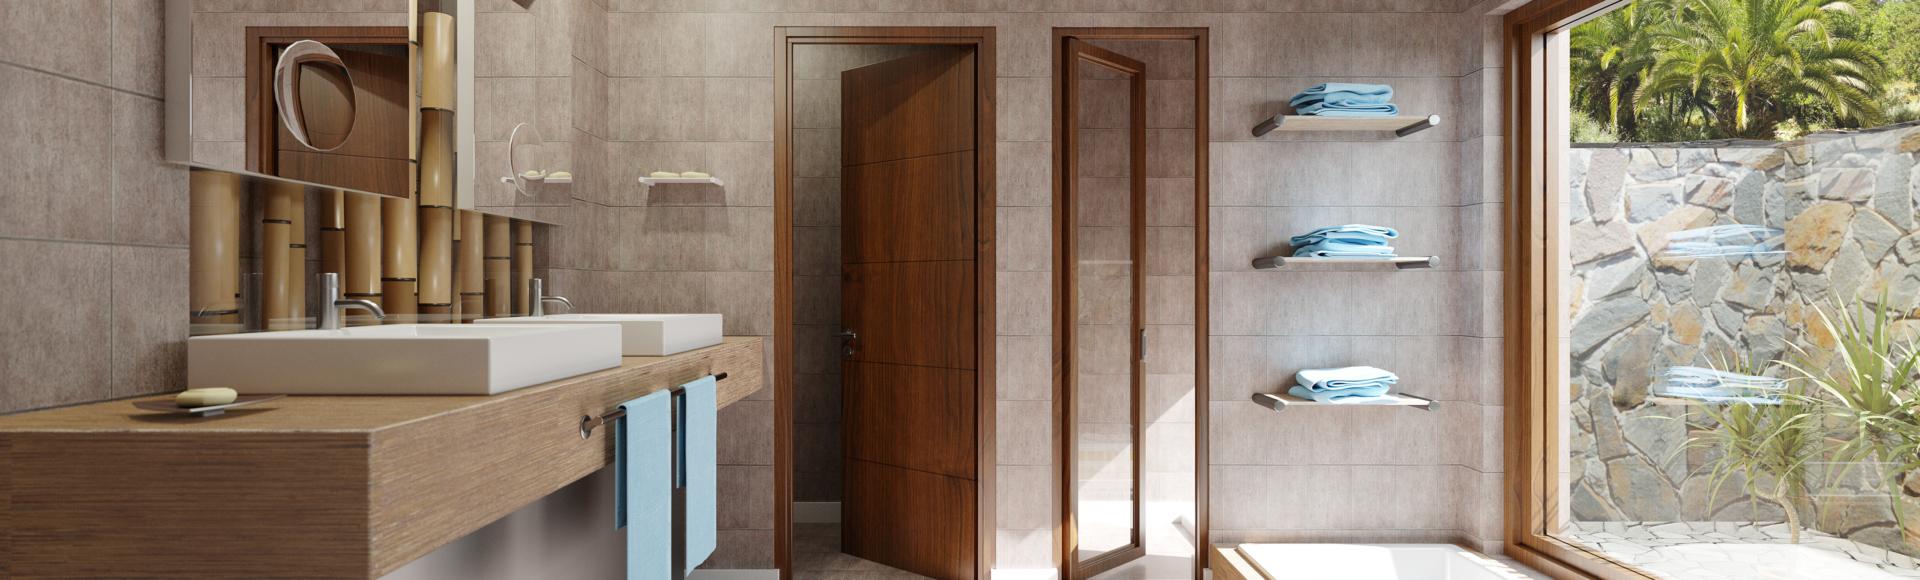 Illustration d'architecture 3D Balinéa - Perspective 3D salle de bain